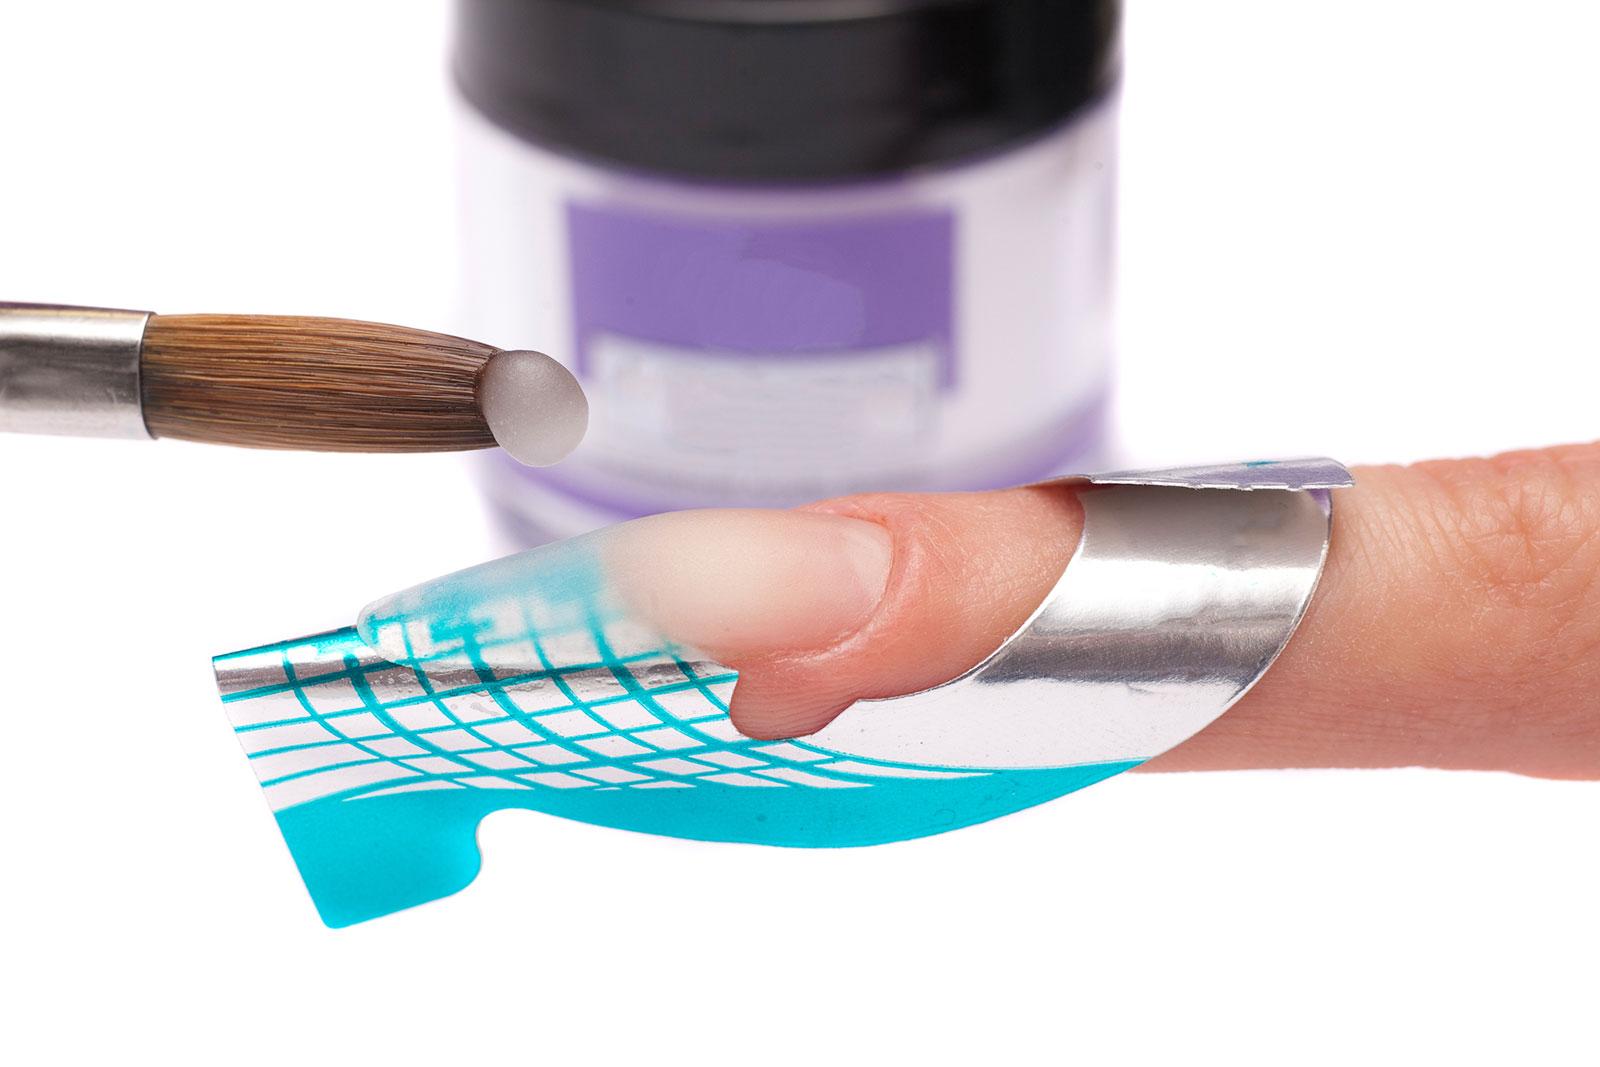 Acrylic Form Nails